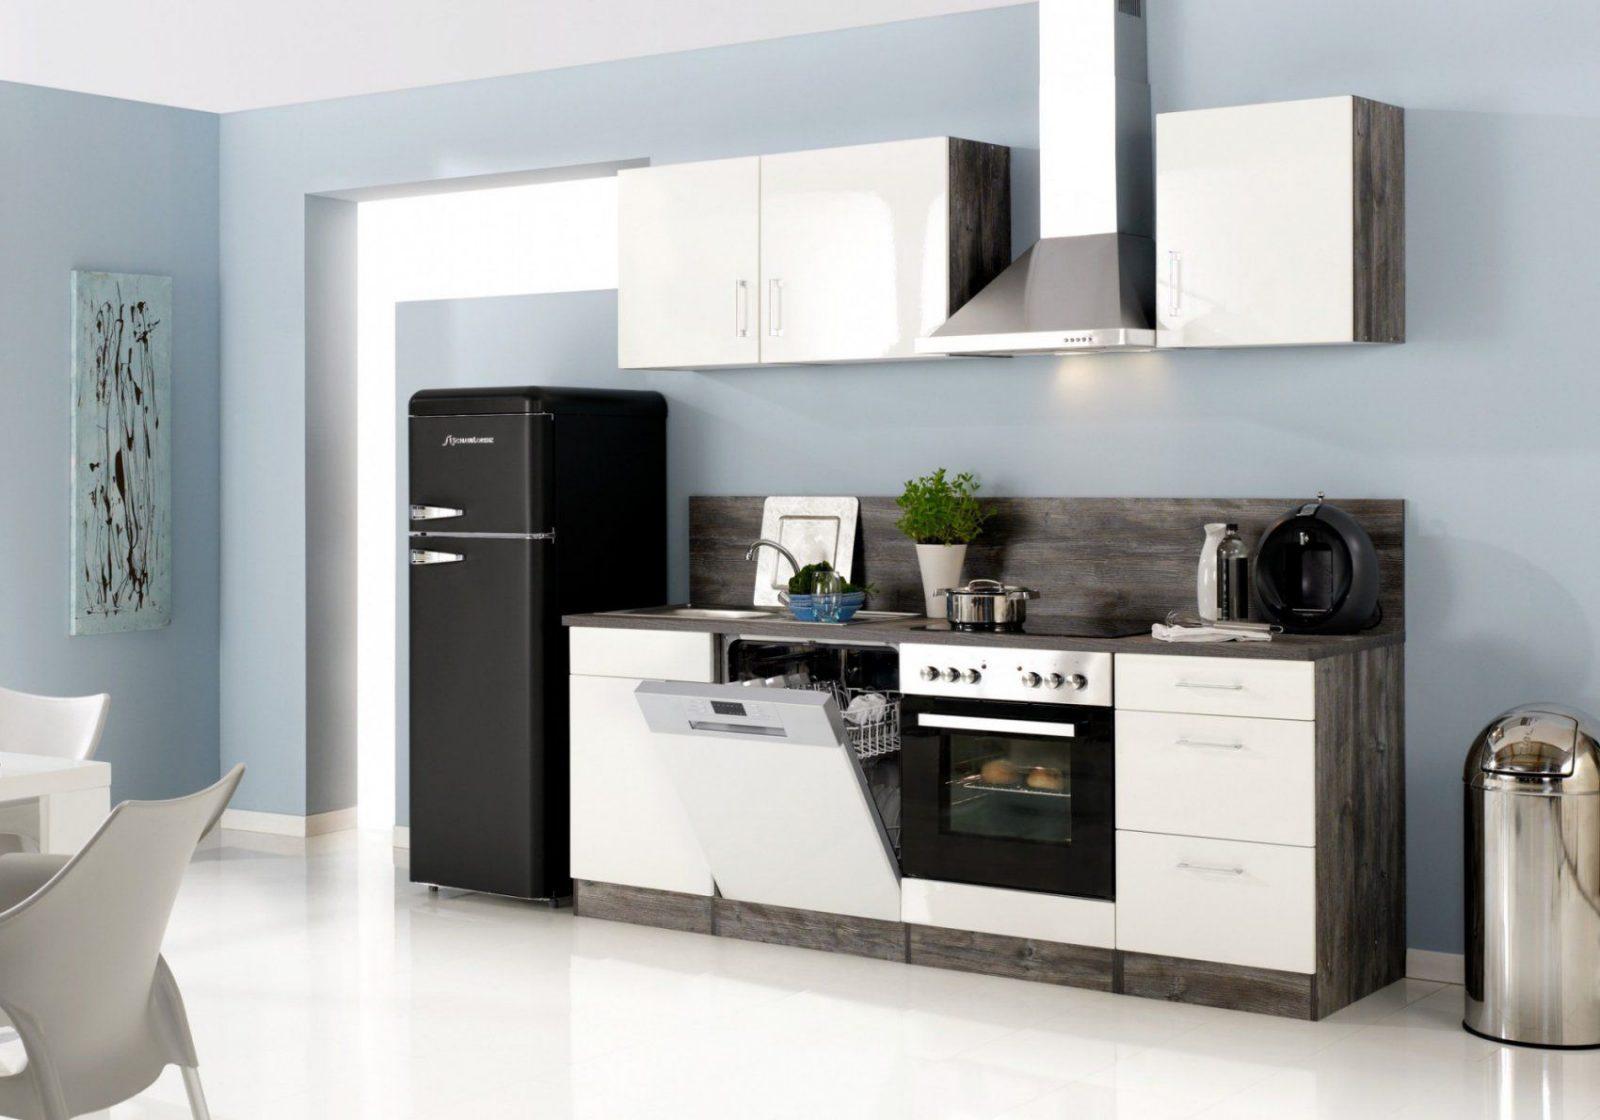 Küchenzeile Lissabon  Küche Mit Egeräten  Breite 280 Cm 14 von Küchenzeile 240 Cm Mit Kühlschrank Bild